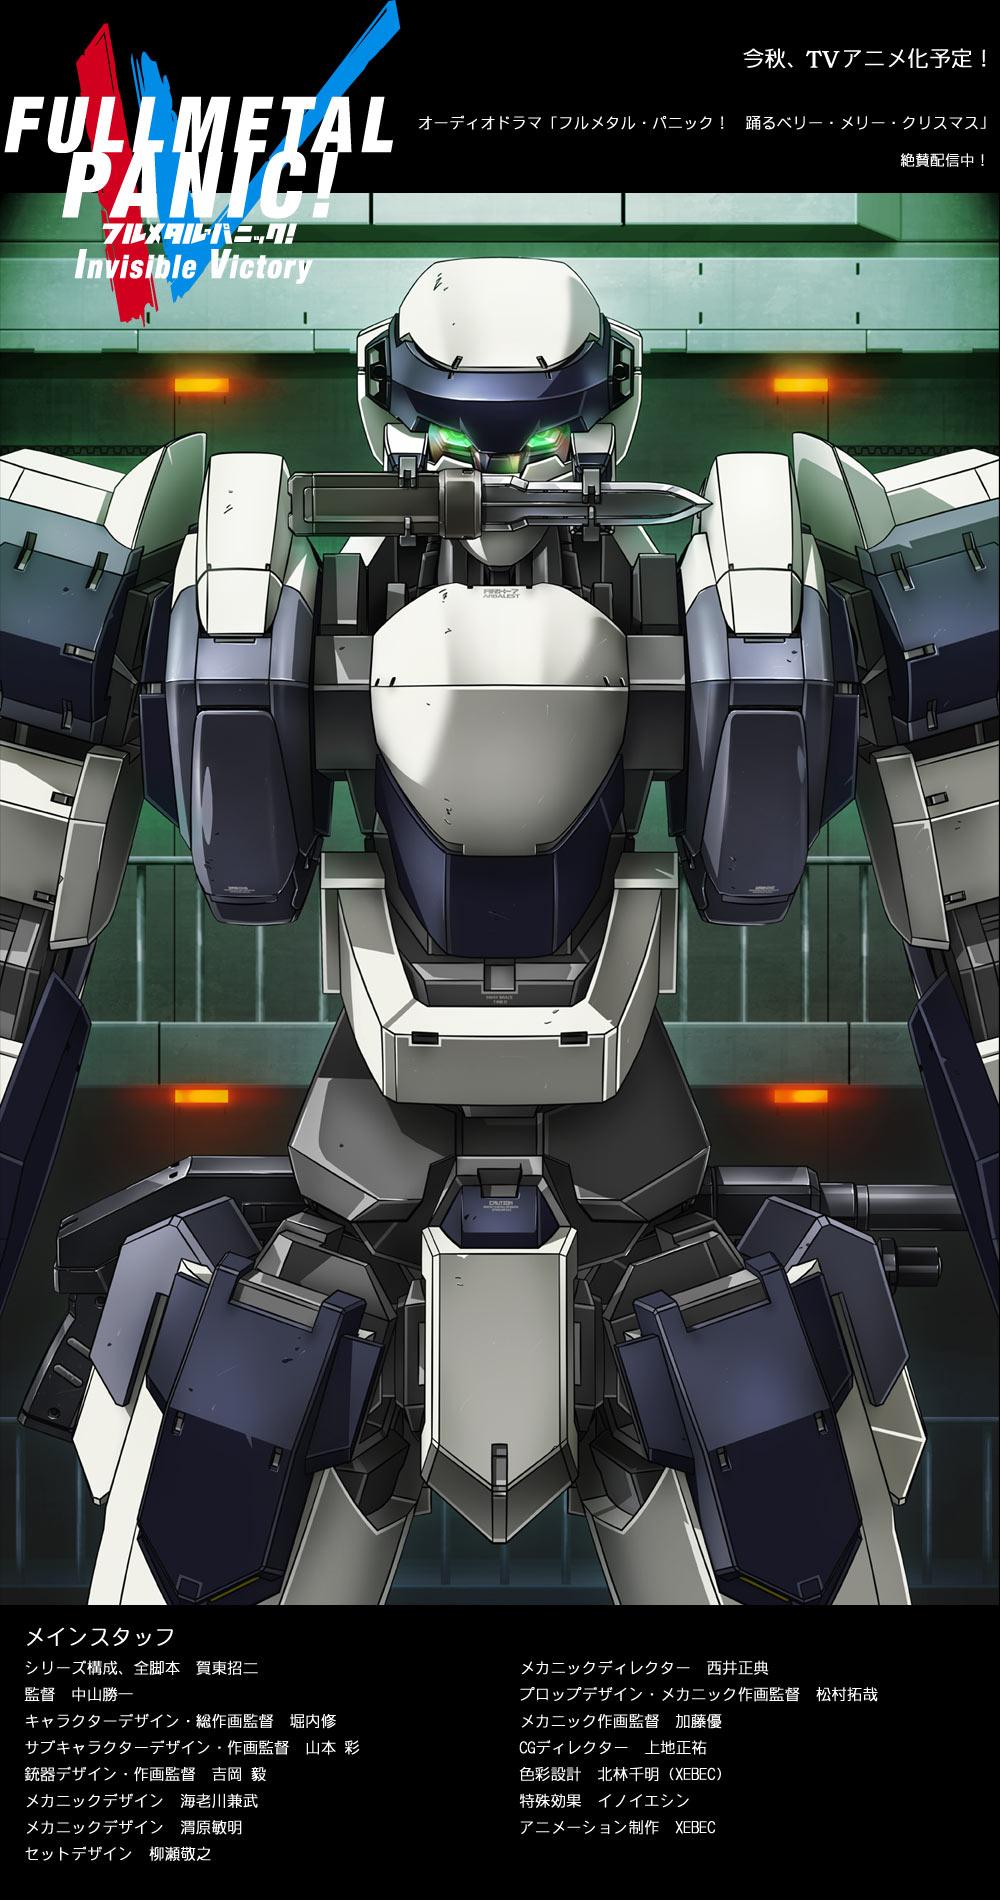 【フルメタル・パニック!IV】オフィシャルサイト